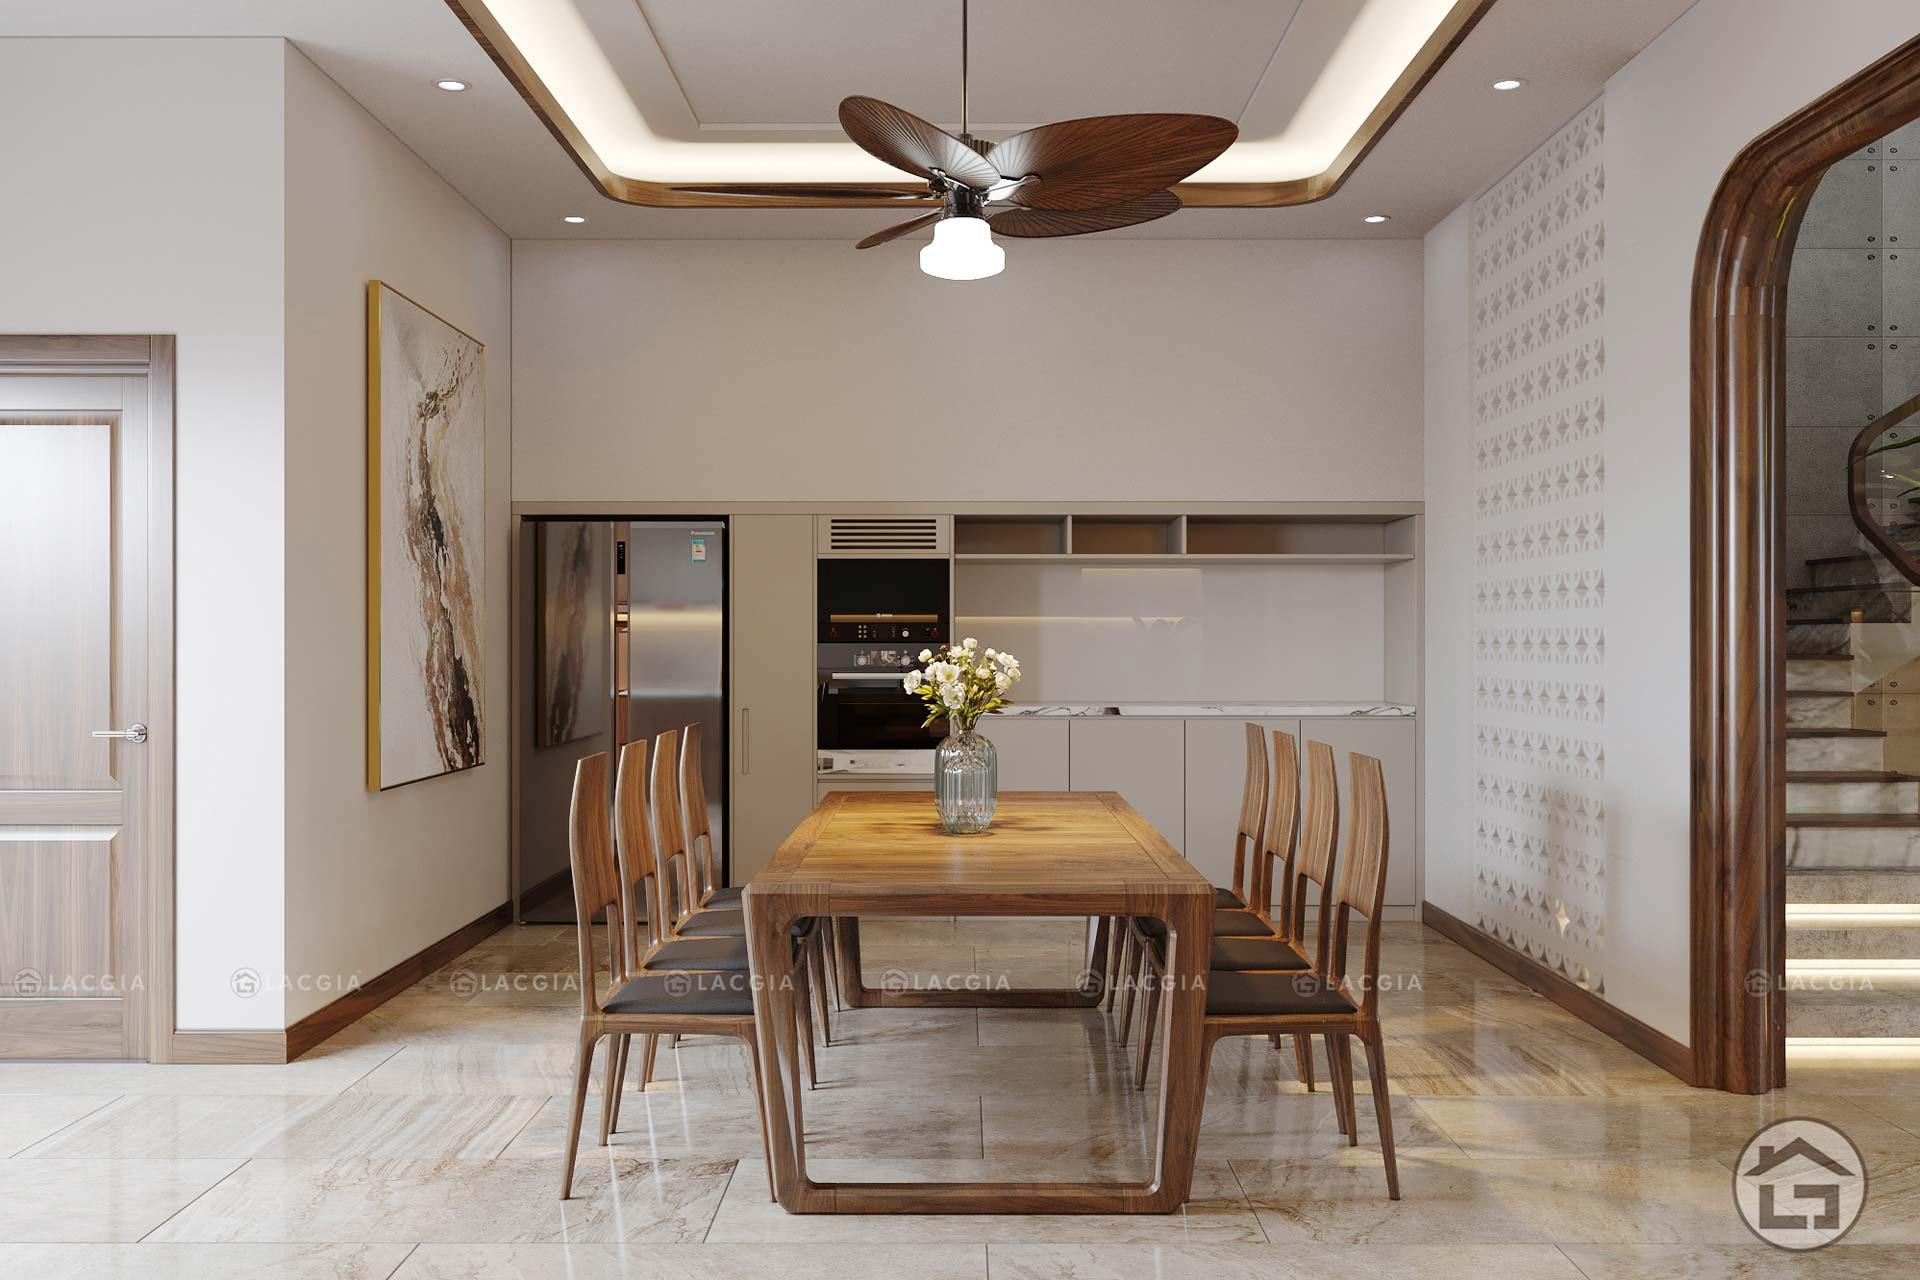 Không gian bếp sẽ thông thoáng và mở hơn khi có nhiều ánh sáng từ cửa sổ